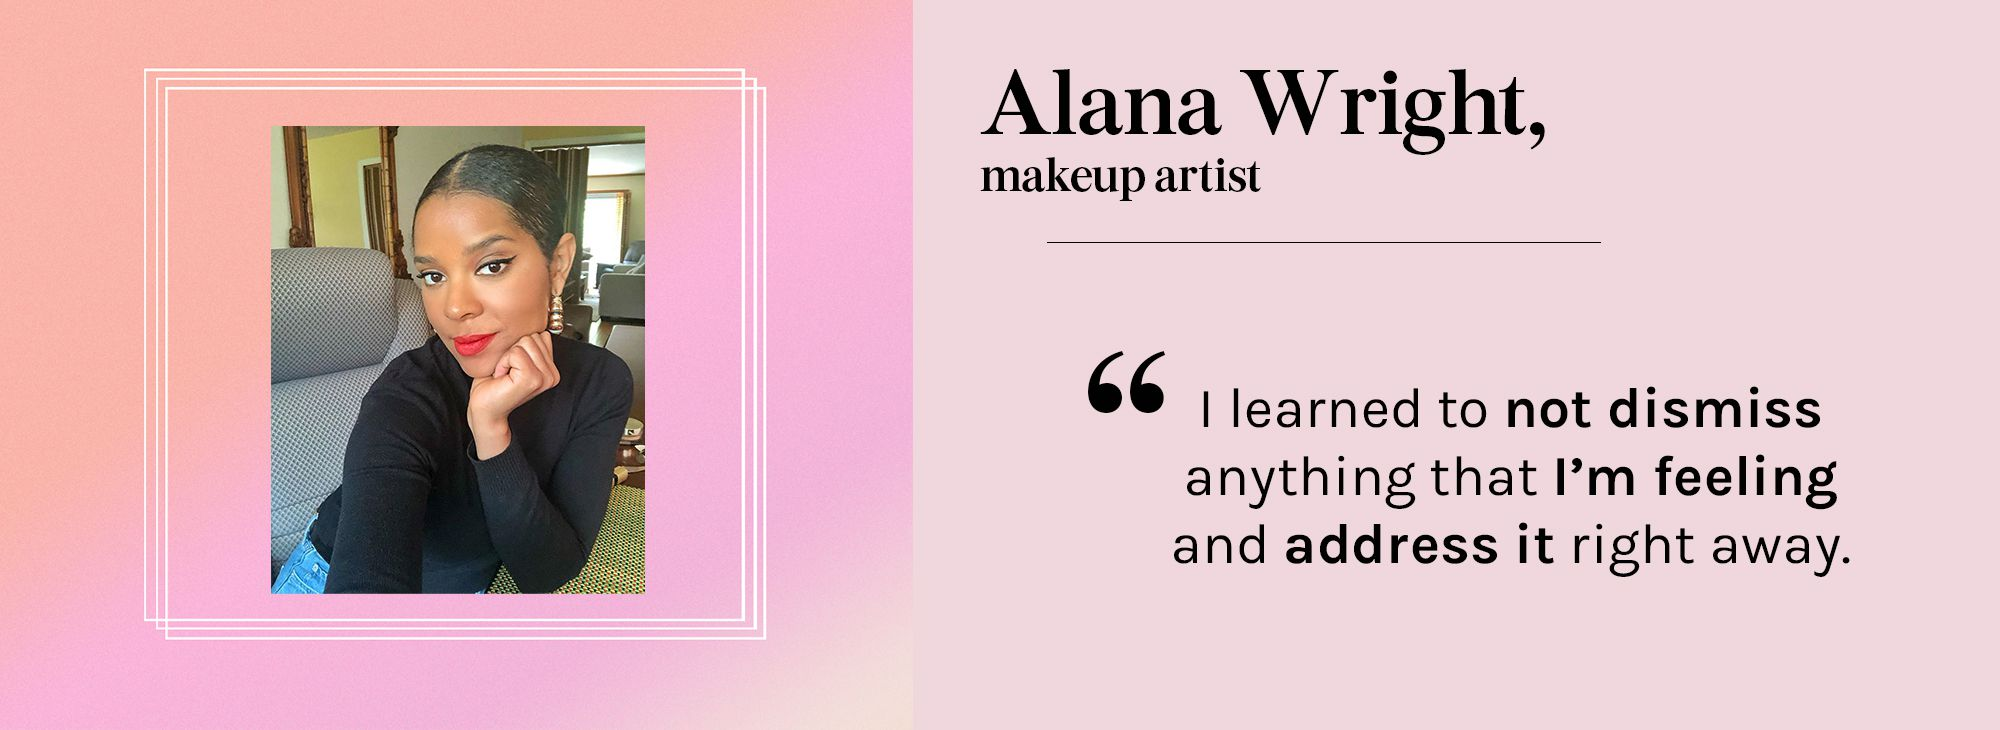 Alana Wright